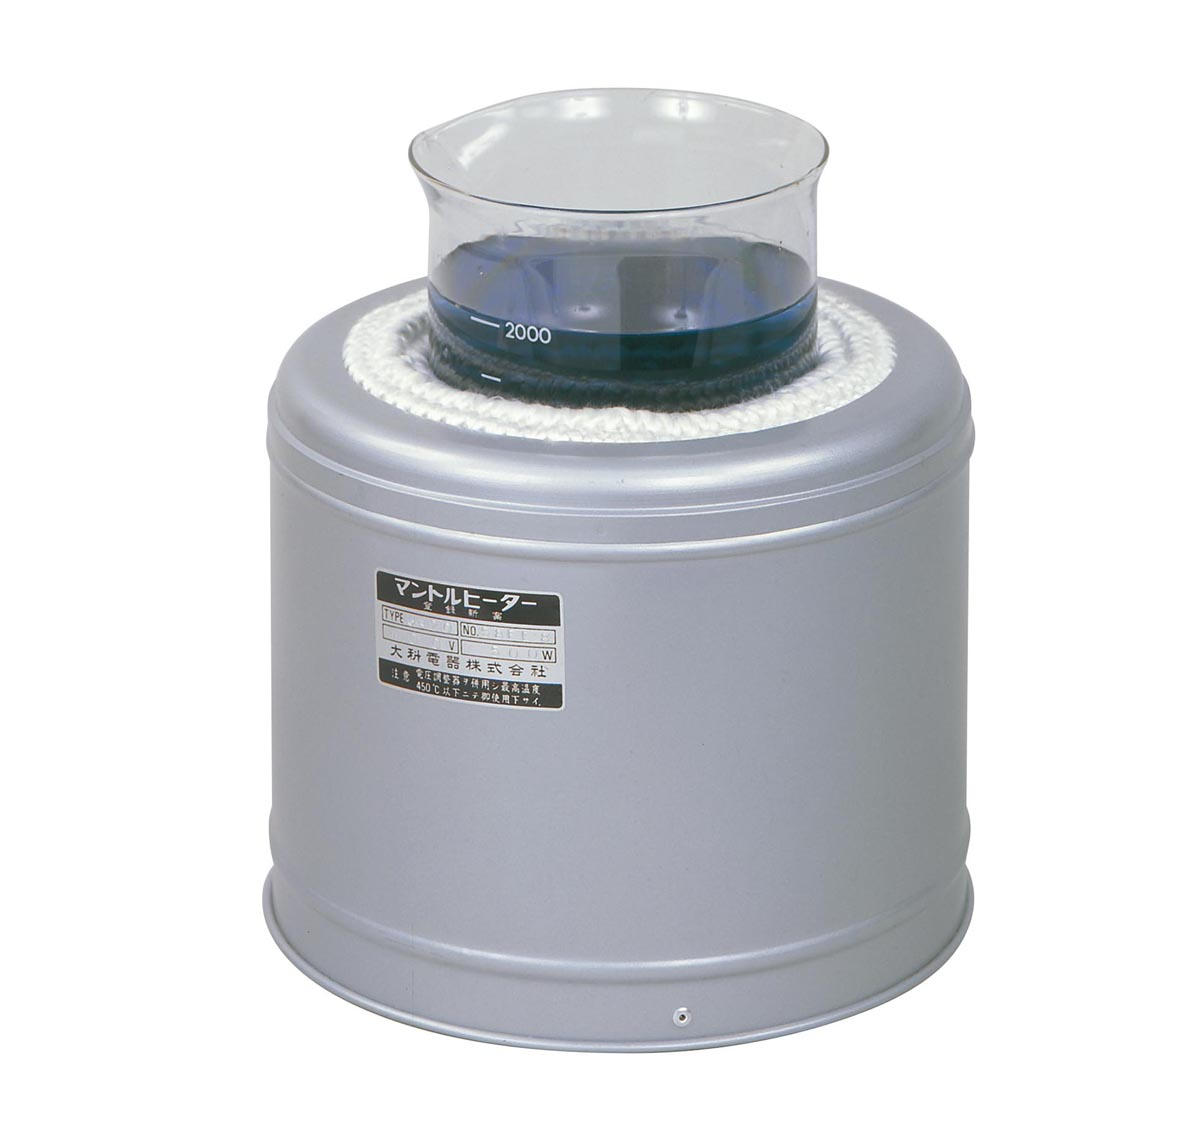 大科電器 ビーカー用マントルヒーター GB-20